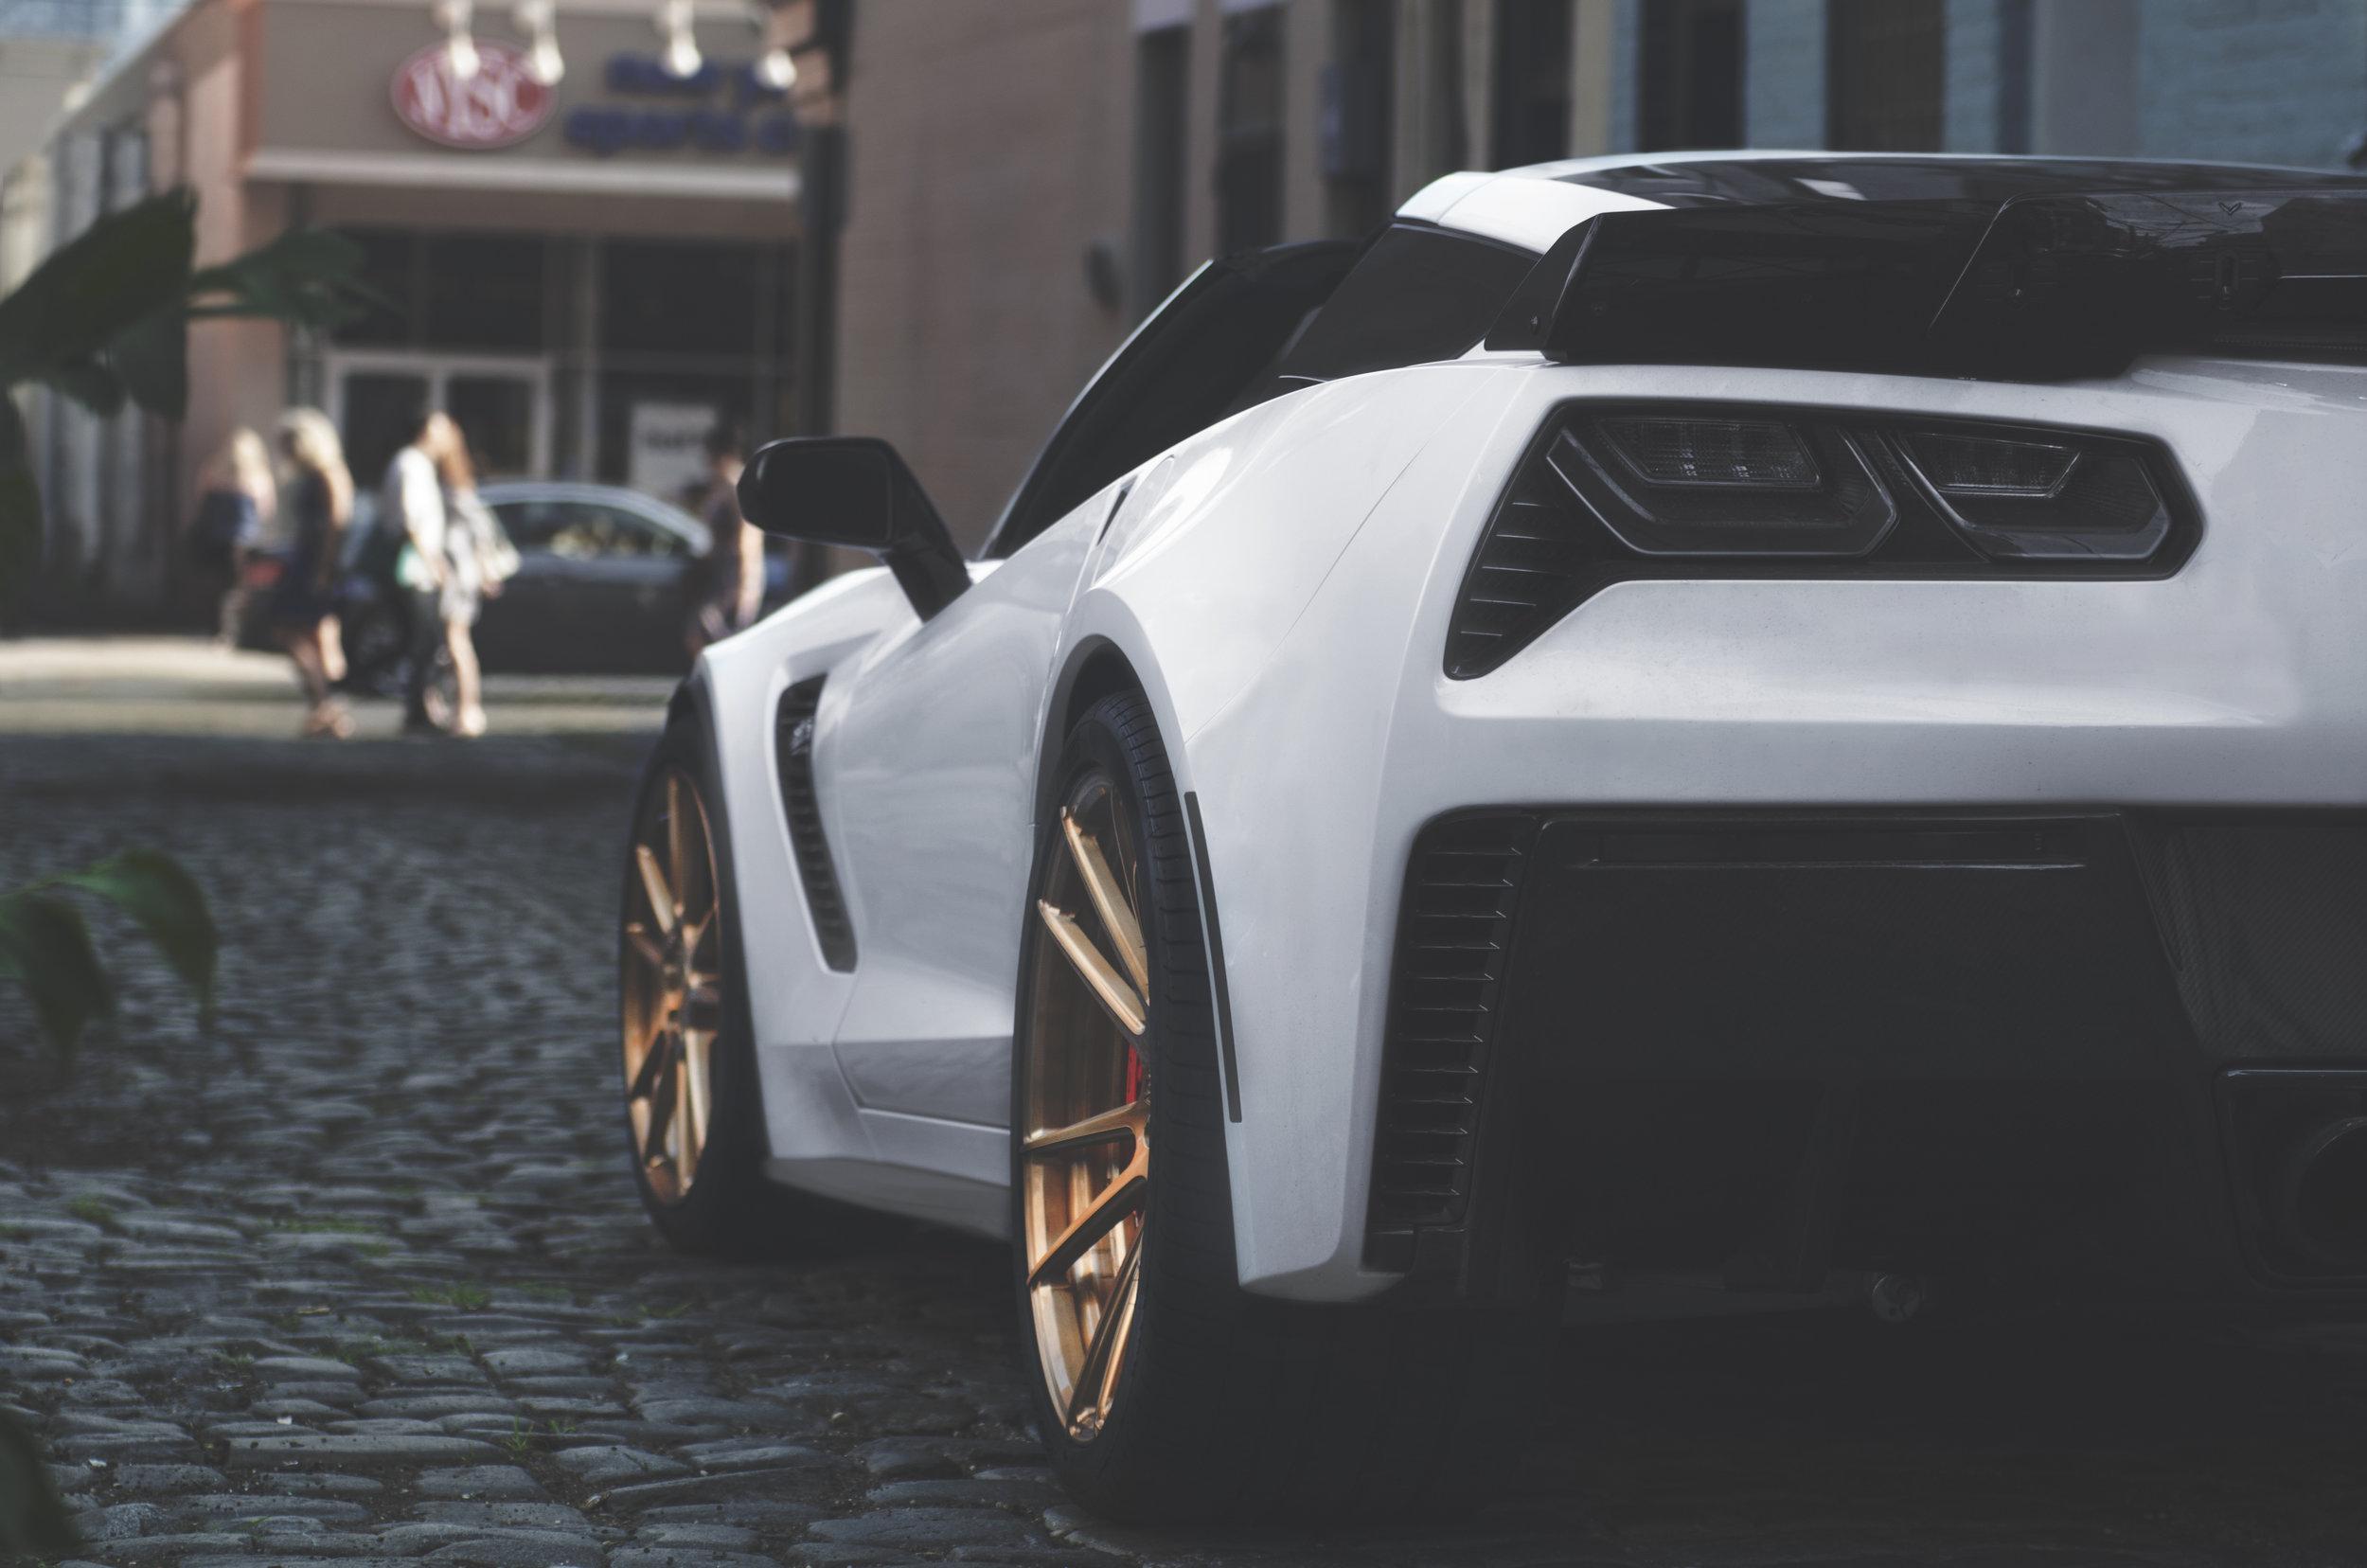 Corvette006